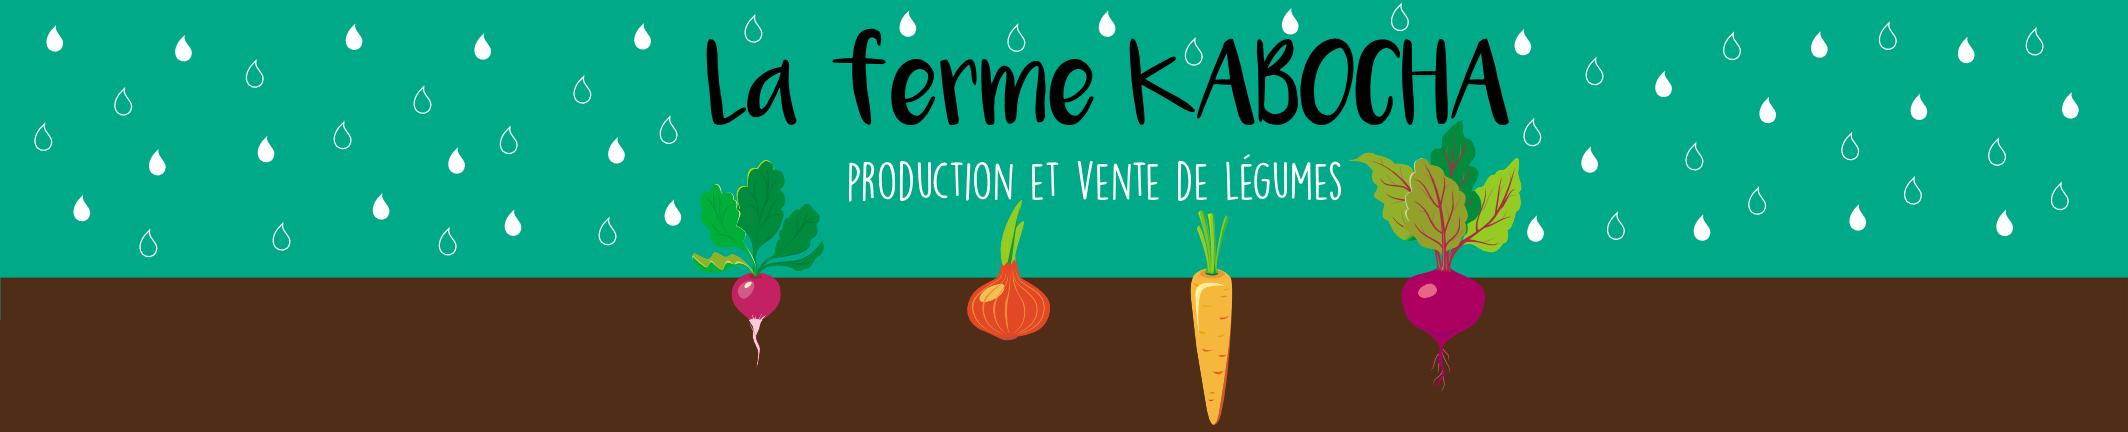 La ferme Kabocha